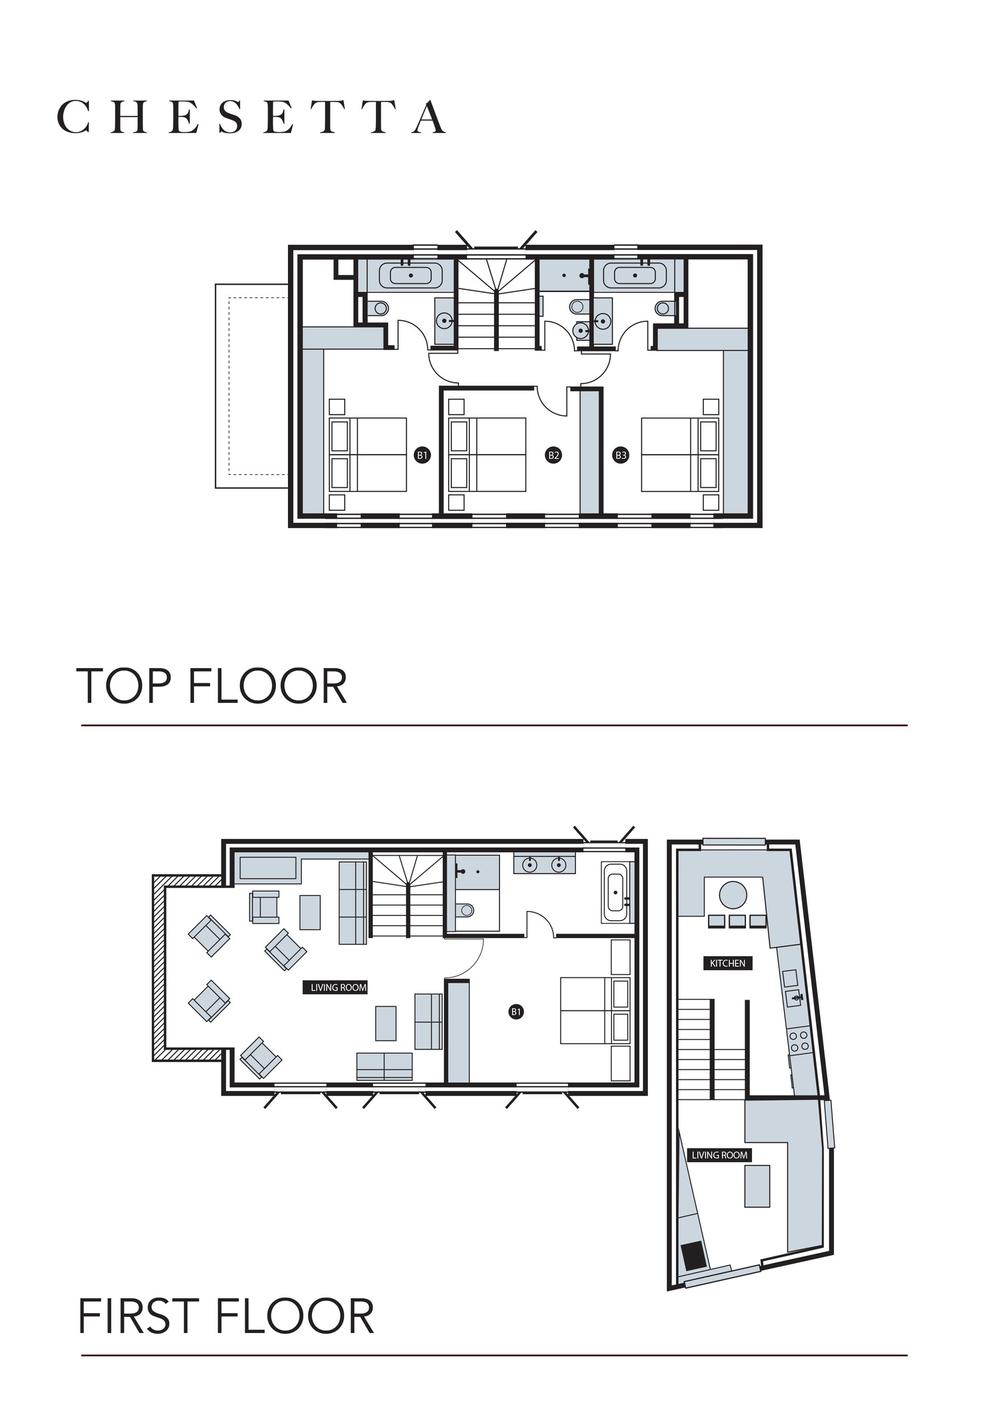 floorplans-2.jpg